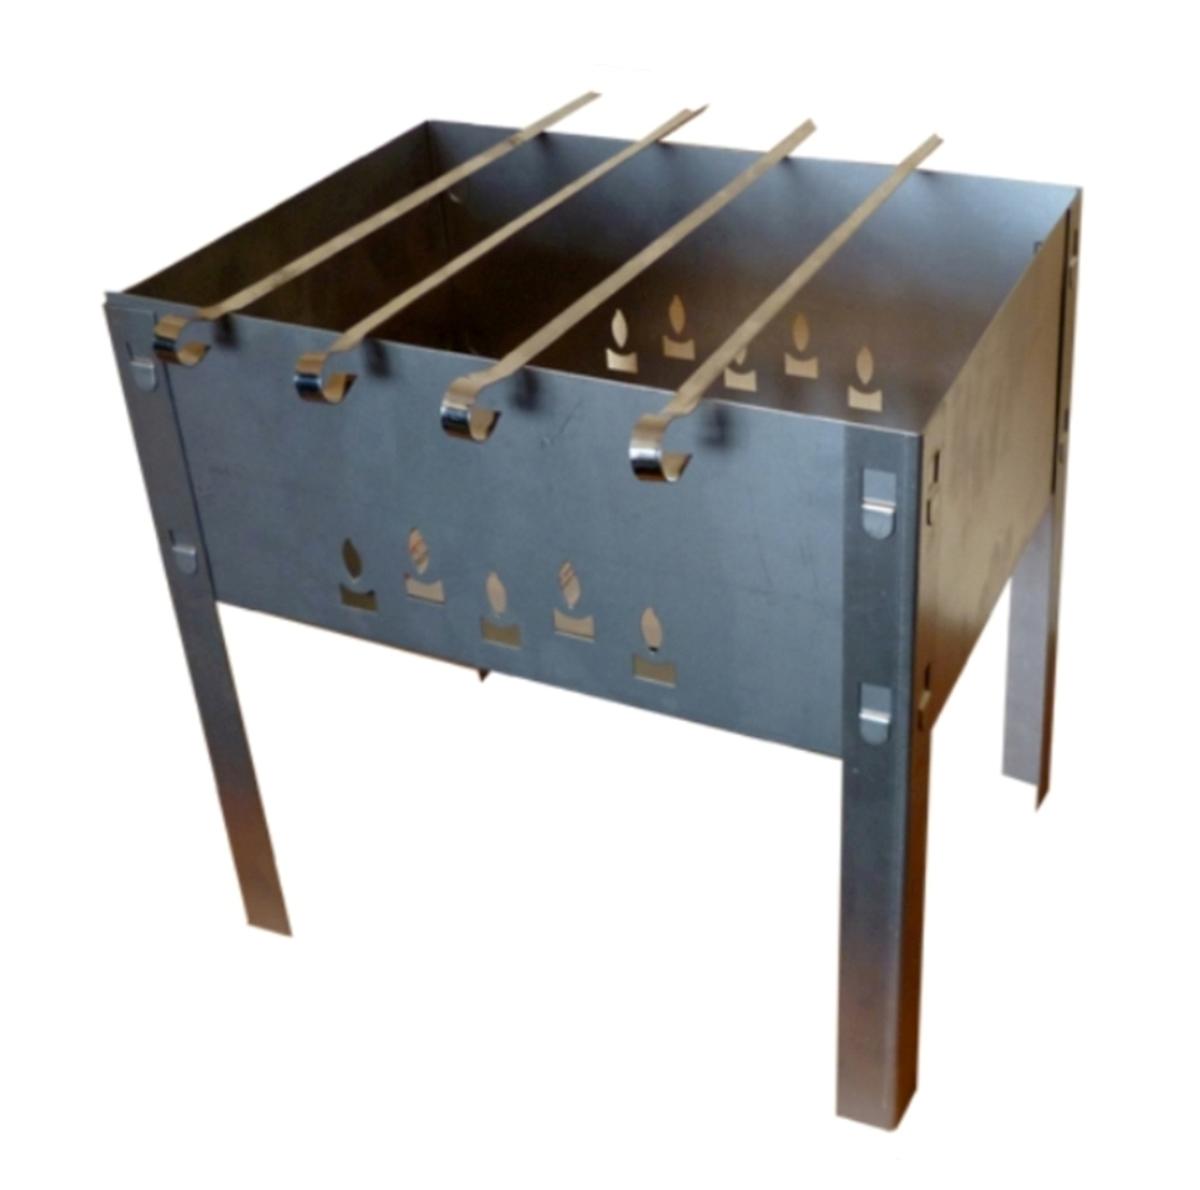 Мангал сборный Грилькофф Мини, 4 шампура, 35 см х 35 см х 25 смТДД13991Сборный переносной мангал Грилькофф Мини изготовлен из нержавеющей стали. Предназначен для приготовления мяса, птицы, рыбы, овощей на открытом воздухе. Мангал хорошо поддерживает жар, не требуя большого количества топлива. Простота и легкость конструкции мангала обеспечивают его быструю сборку и длительную эксплуатацию. В разобранном виде мангал очень компактен, благодаря чему он не занимает много места, например, в багажнике автомобиля. В комплекте с мангалом 4 шампура. Размер мангала: 35 см х 35 см х 25 см.